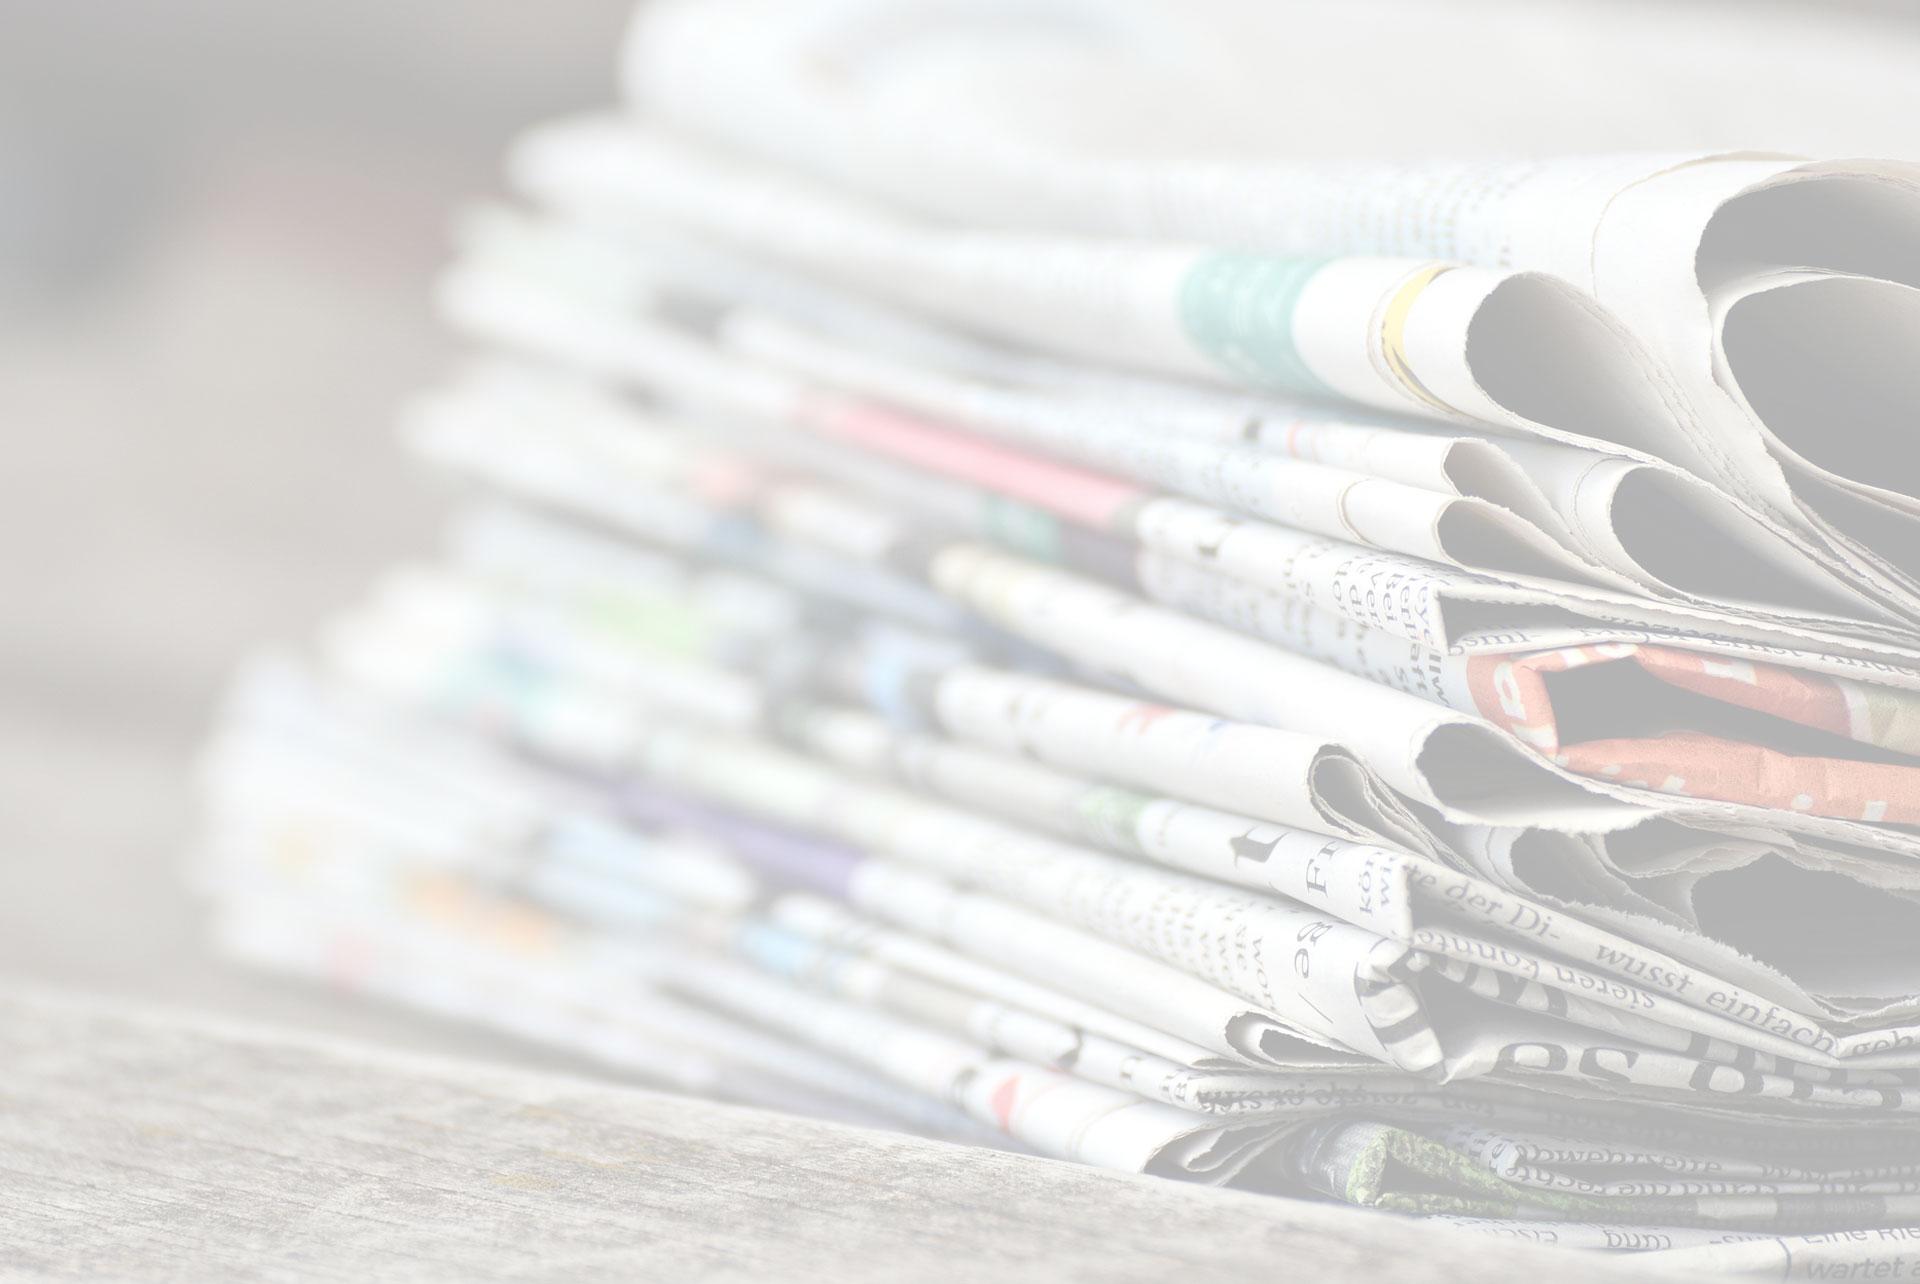 Gomme Formula 1 2019